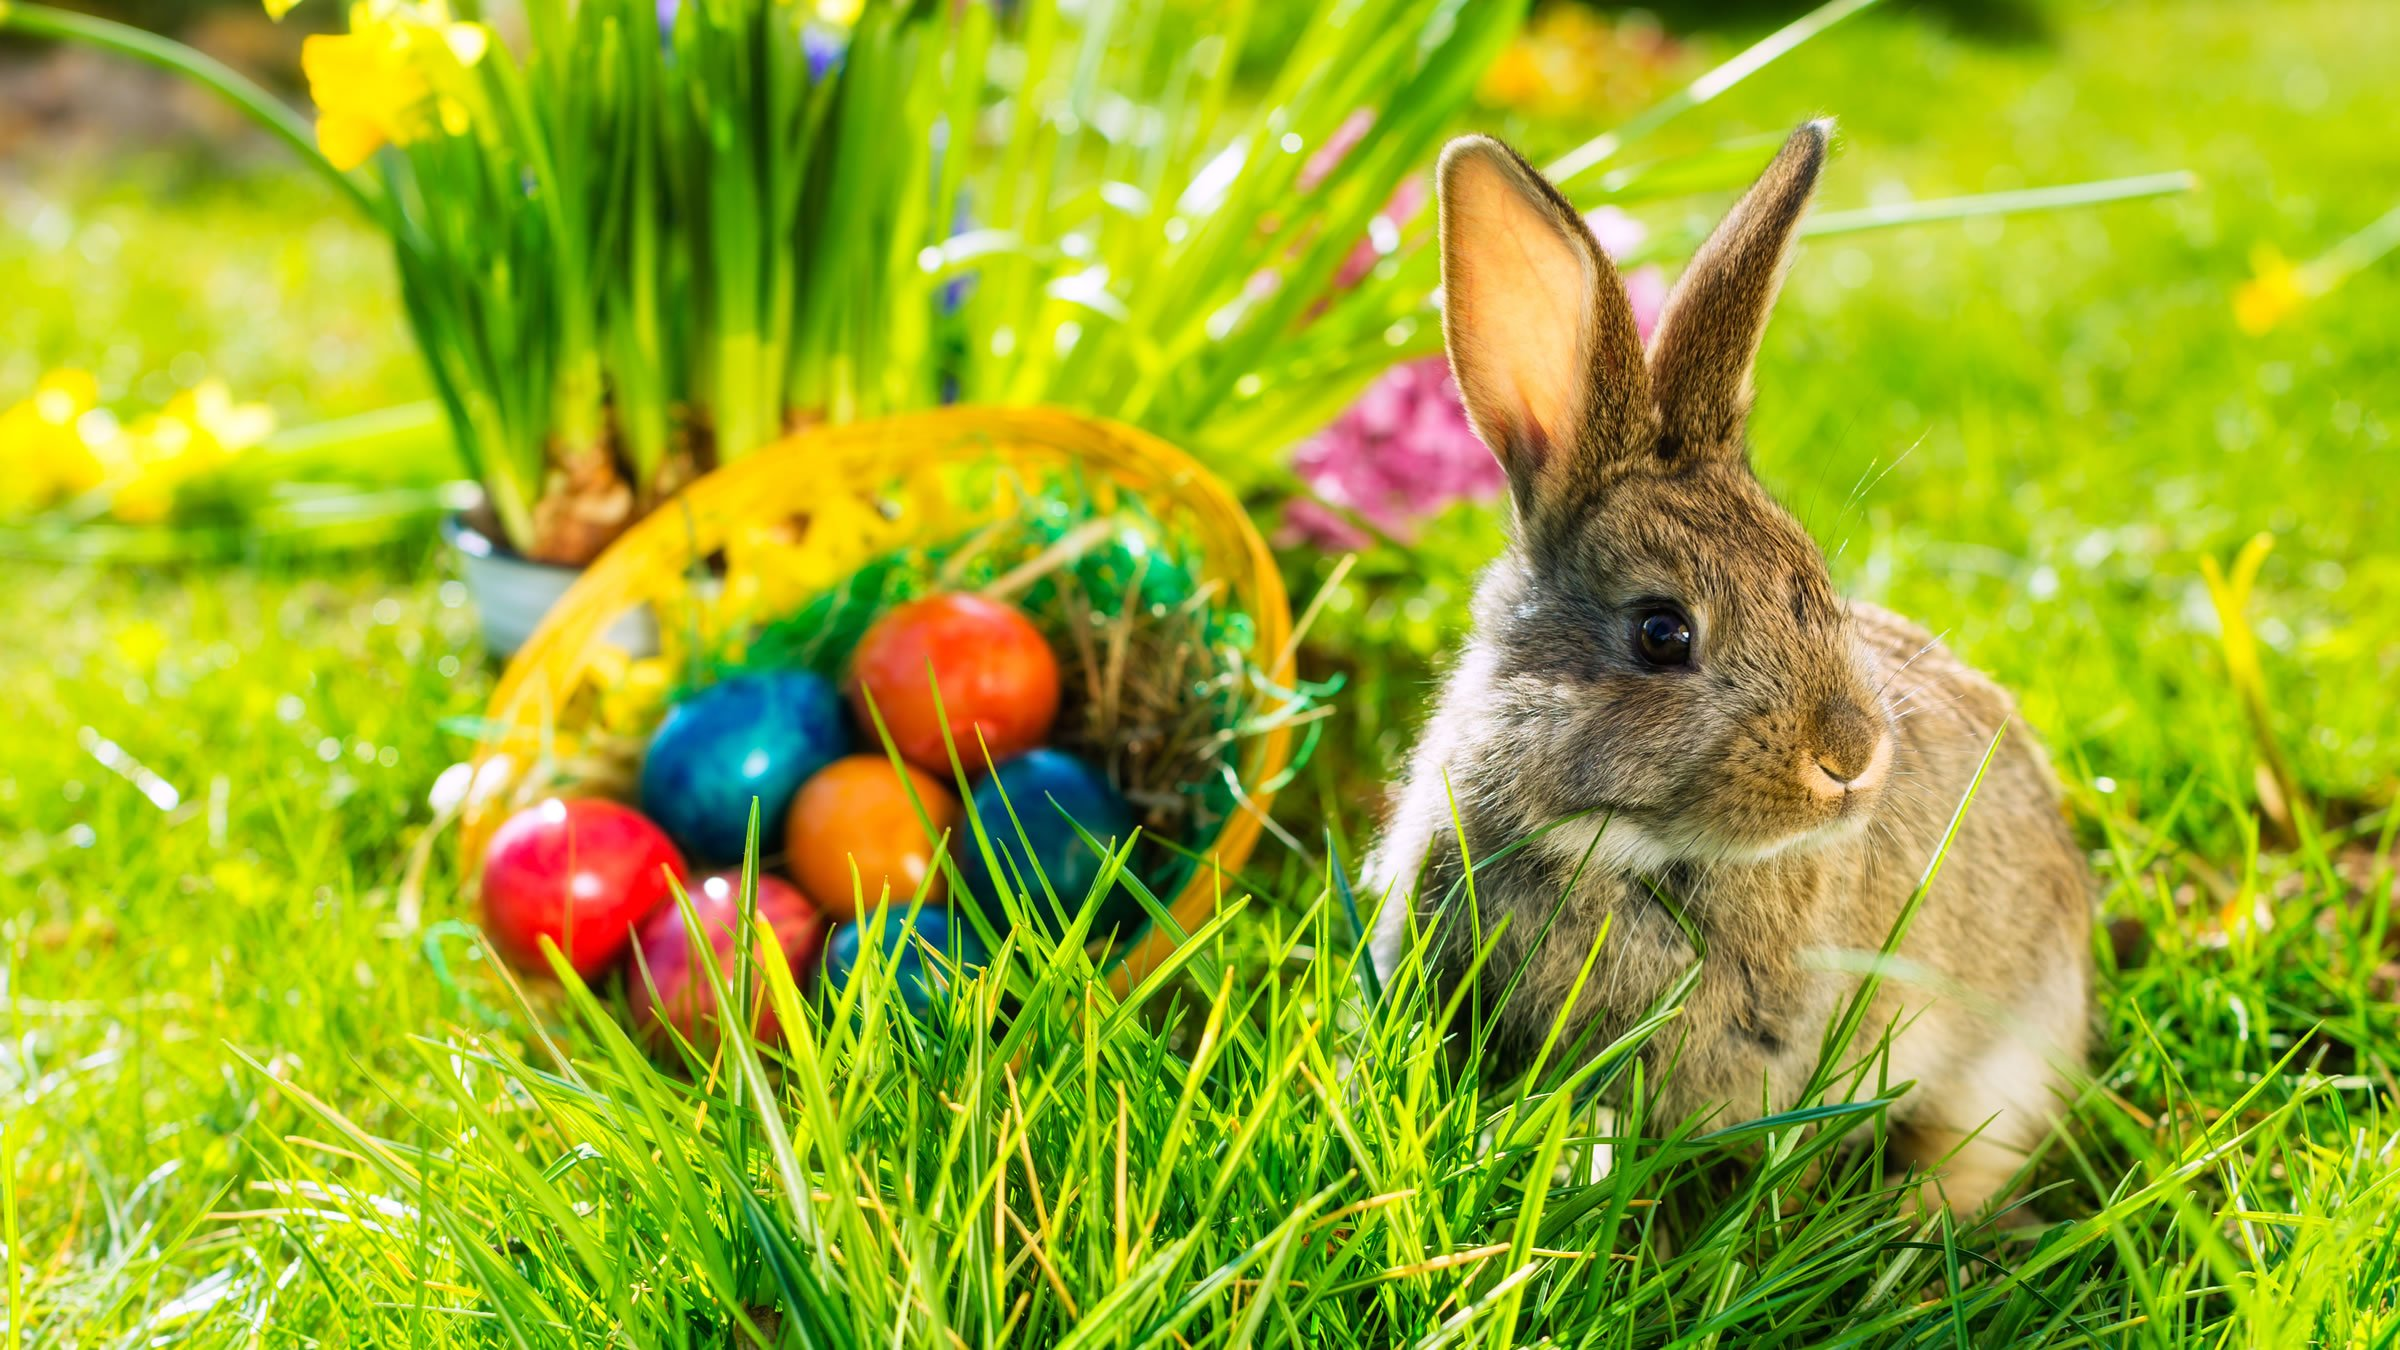 Conejo y huevos de pascua una costumbre alemana - Videos de huevos de pascua ...